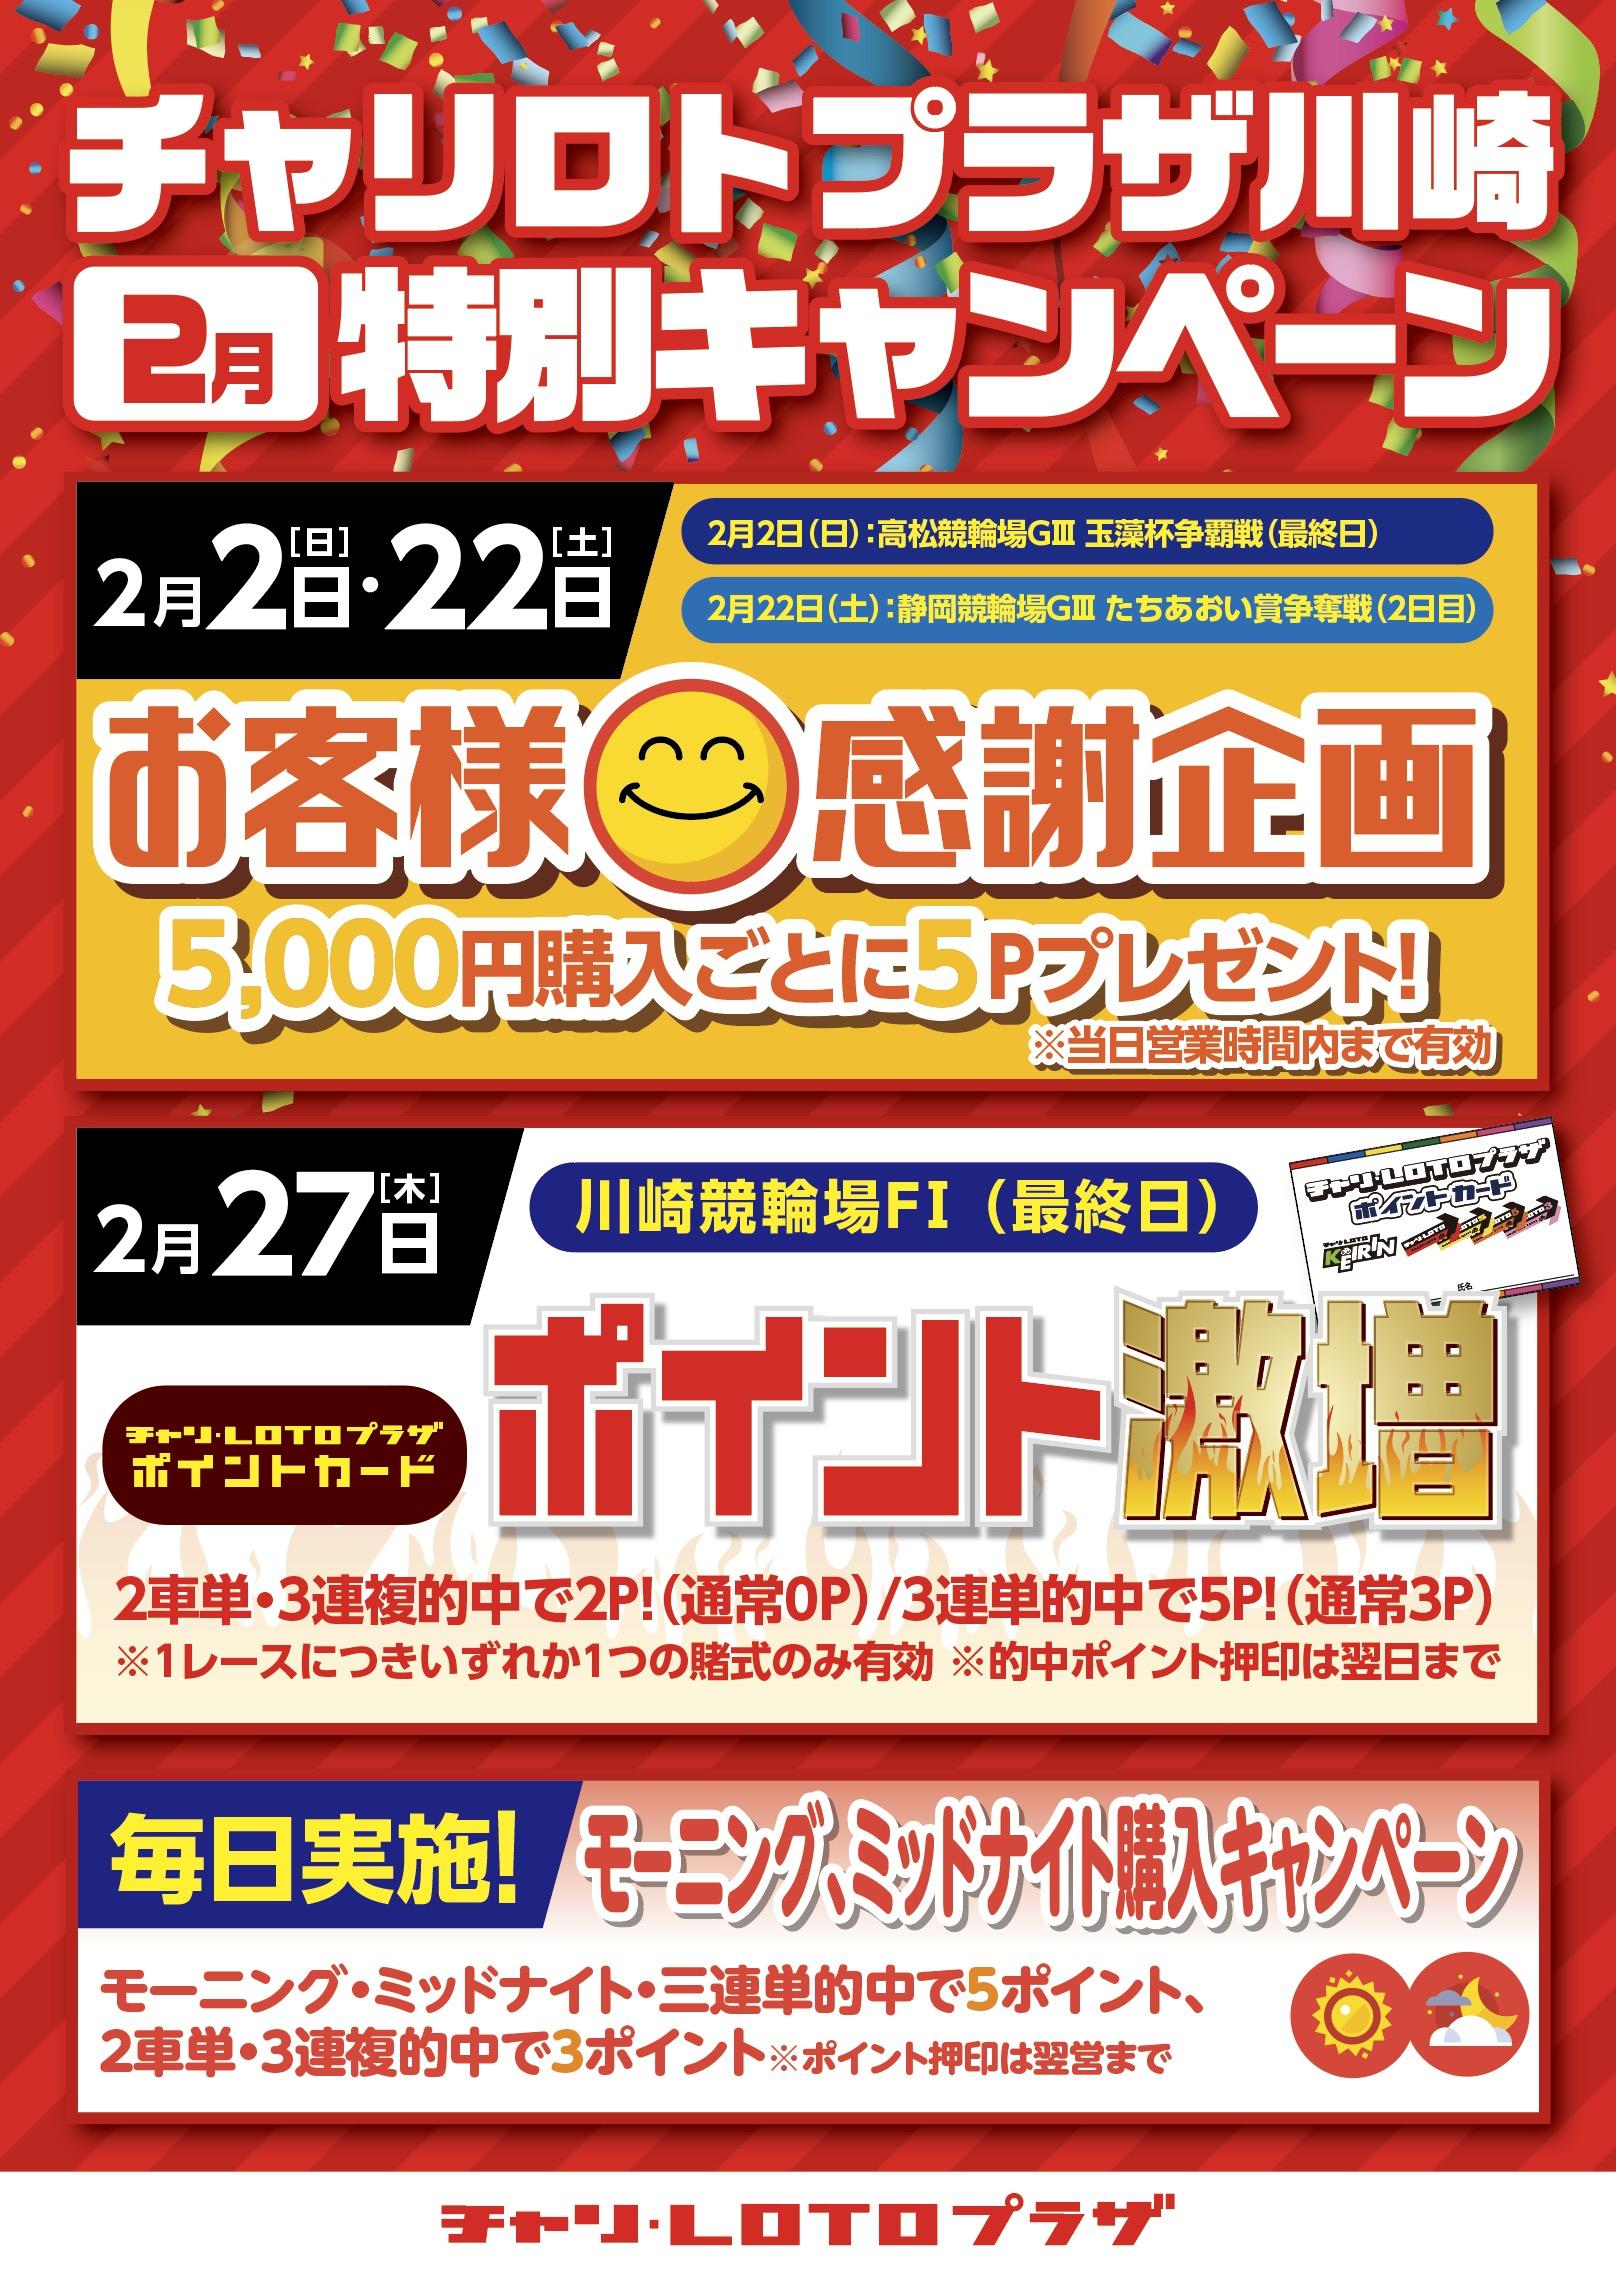 【川崎】モーニング・ミッドナイト月間特別CP(2月)